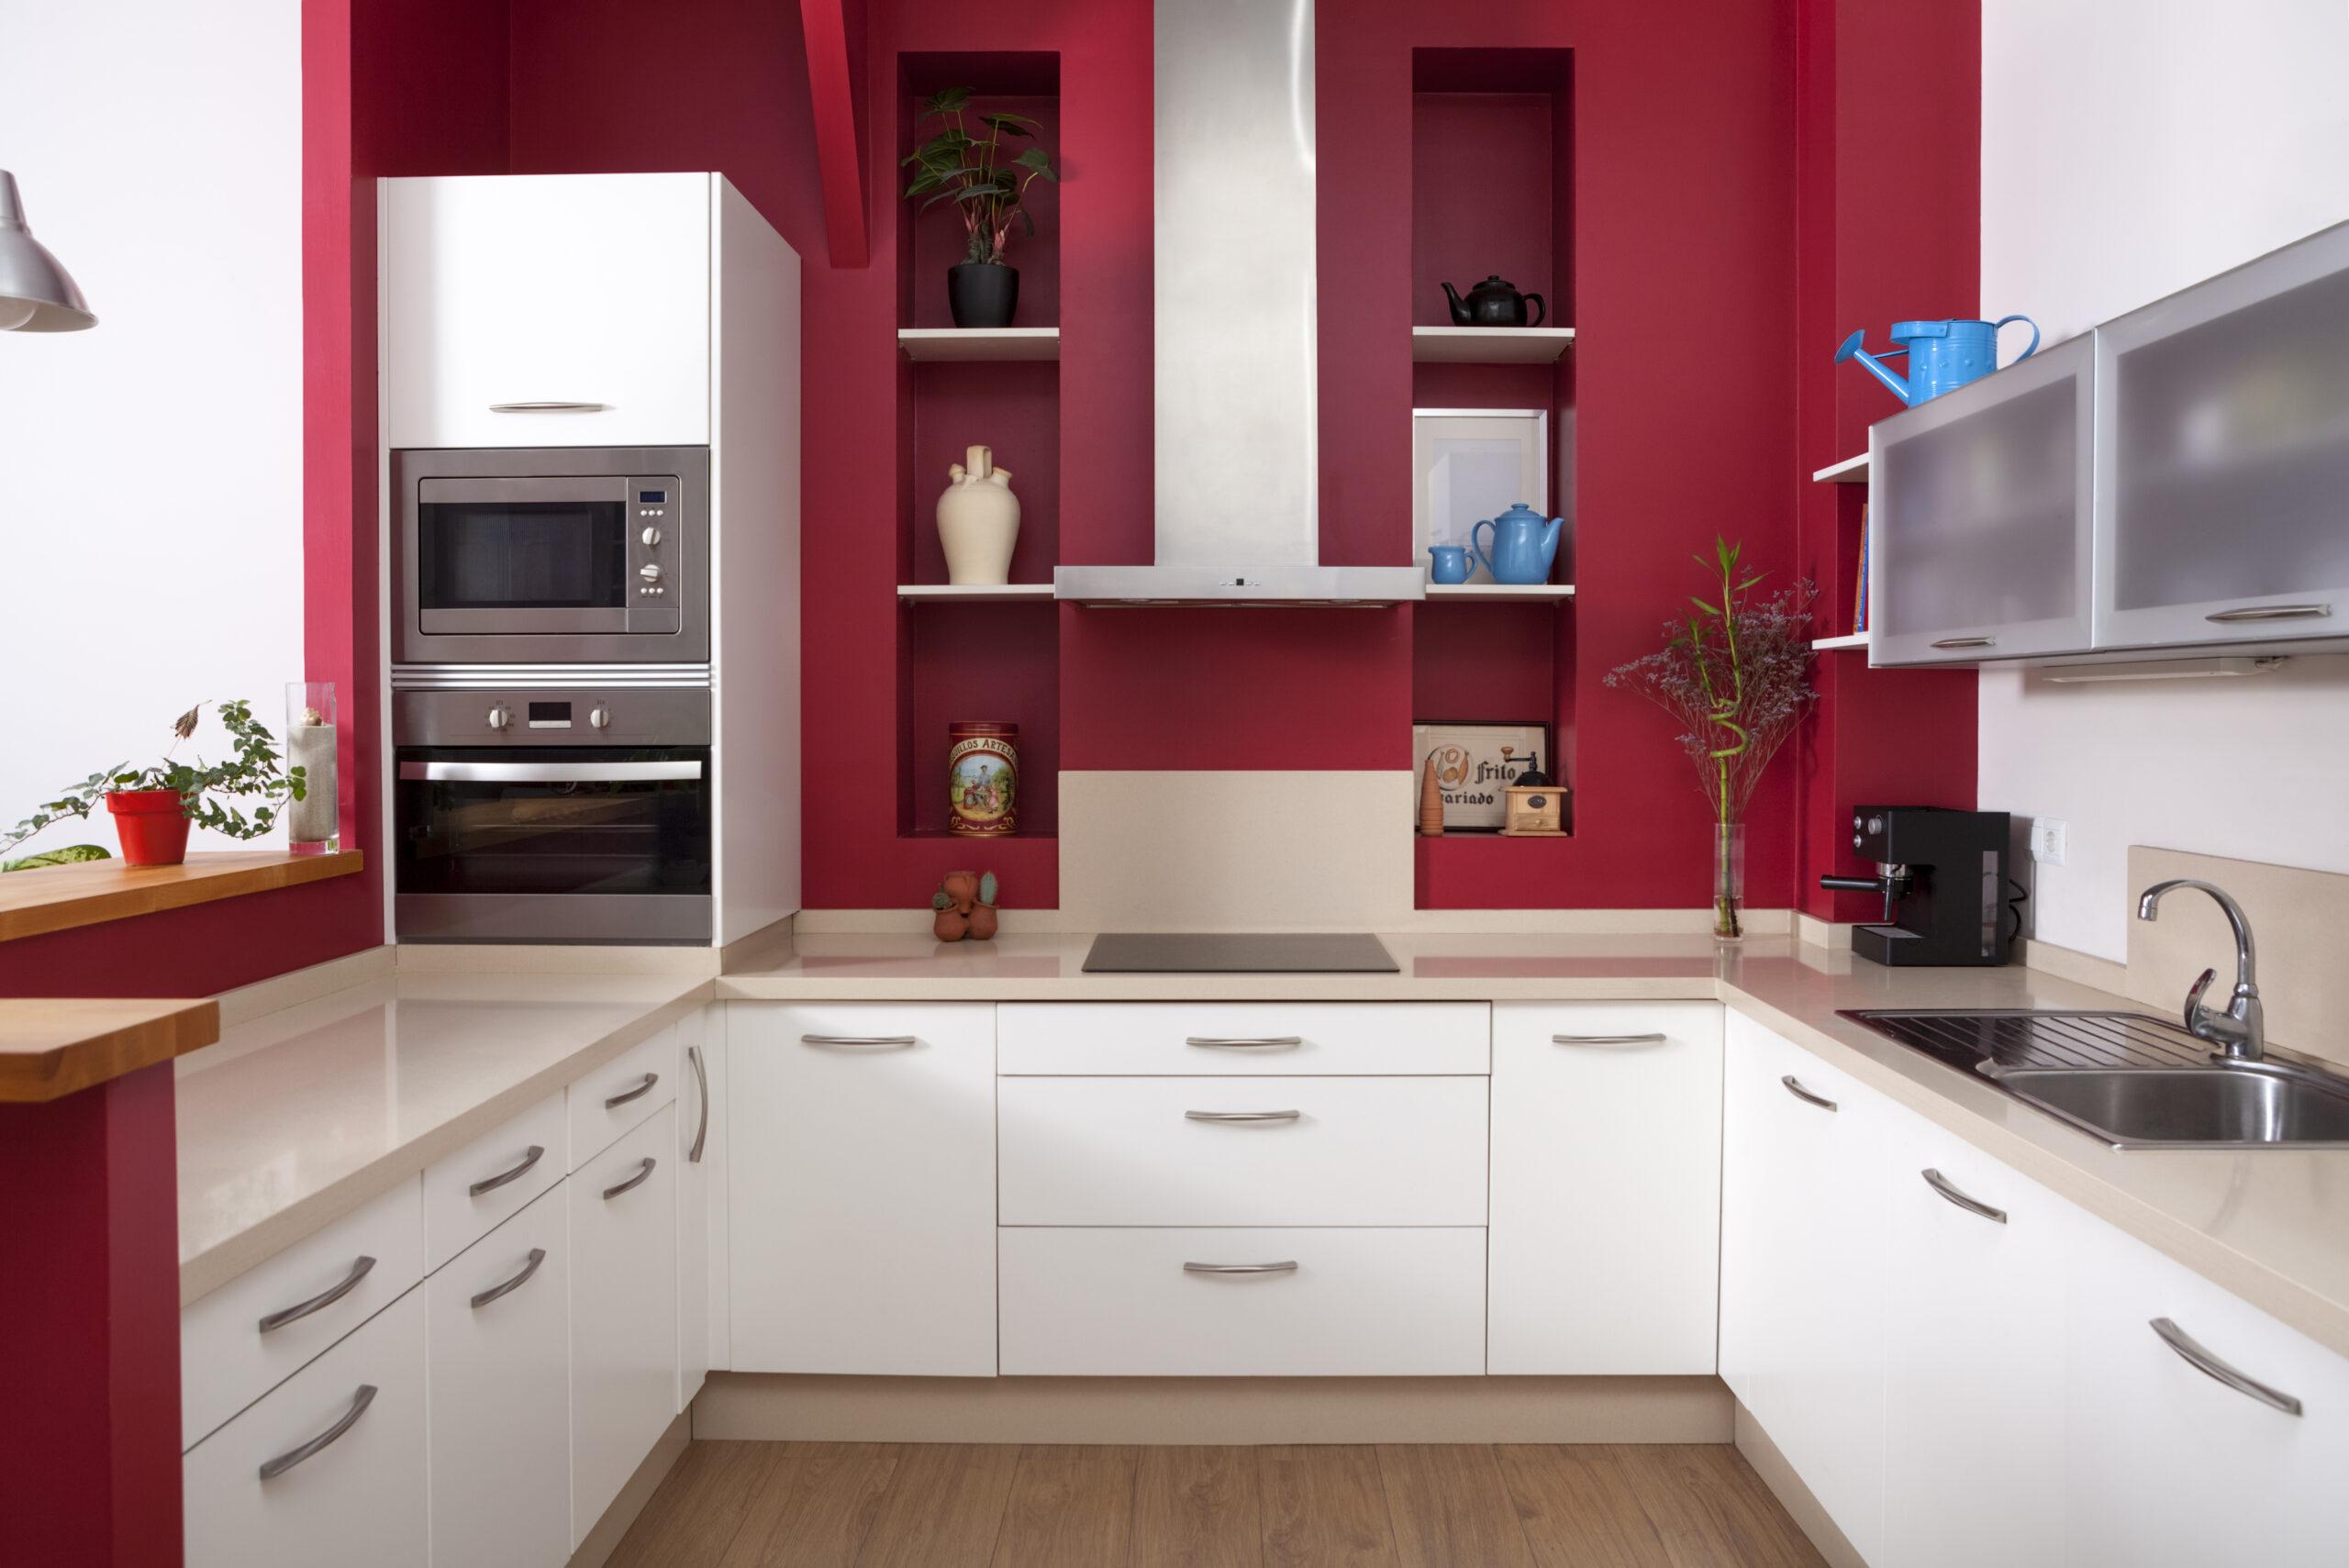 Full Size of Weißes Bett 160x200 Armaturen Küche U Form Mit Theke Hängeschrank Höhe Was Kostet Eine Kleine Einbauküche Unterschrank Barhocker Wasserhahn Wandbelag Wohnzimmer Weiße Küche Wandfarbe